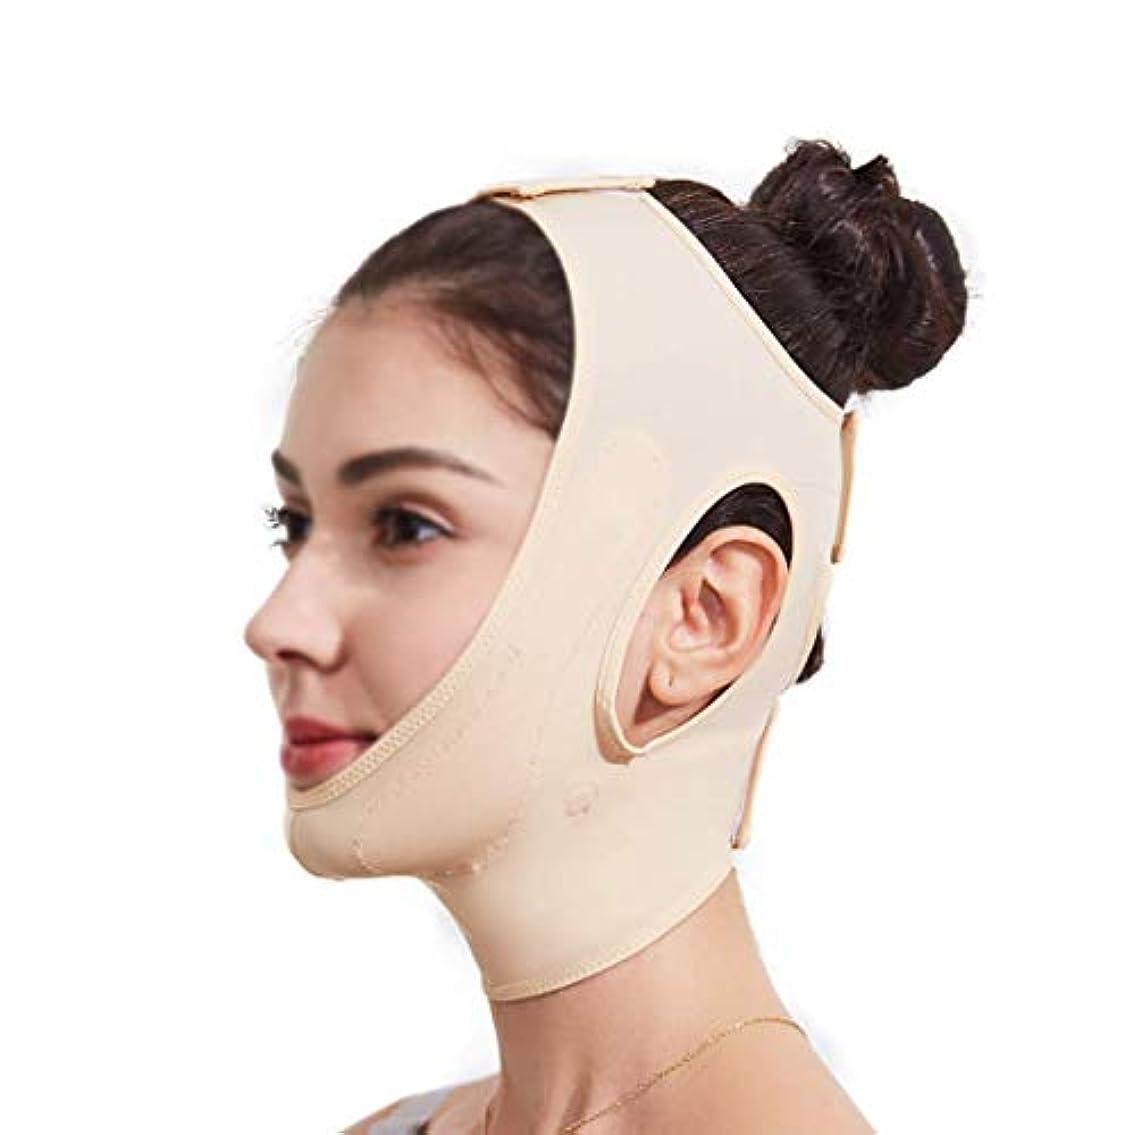 実施するしみキュービックフェイスリフティングマスク、360°オールラウンドリフティングフェイシャルコンター、あごを閉じて肌を引き締め、快適でフェイスライトをサポートし、通気性を保ちます(サイズ:ブラック),肌の色